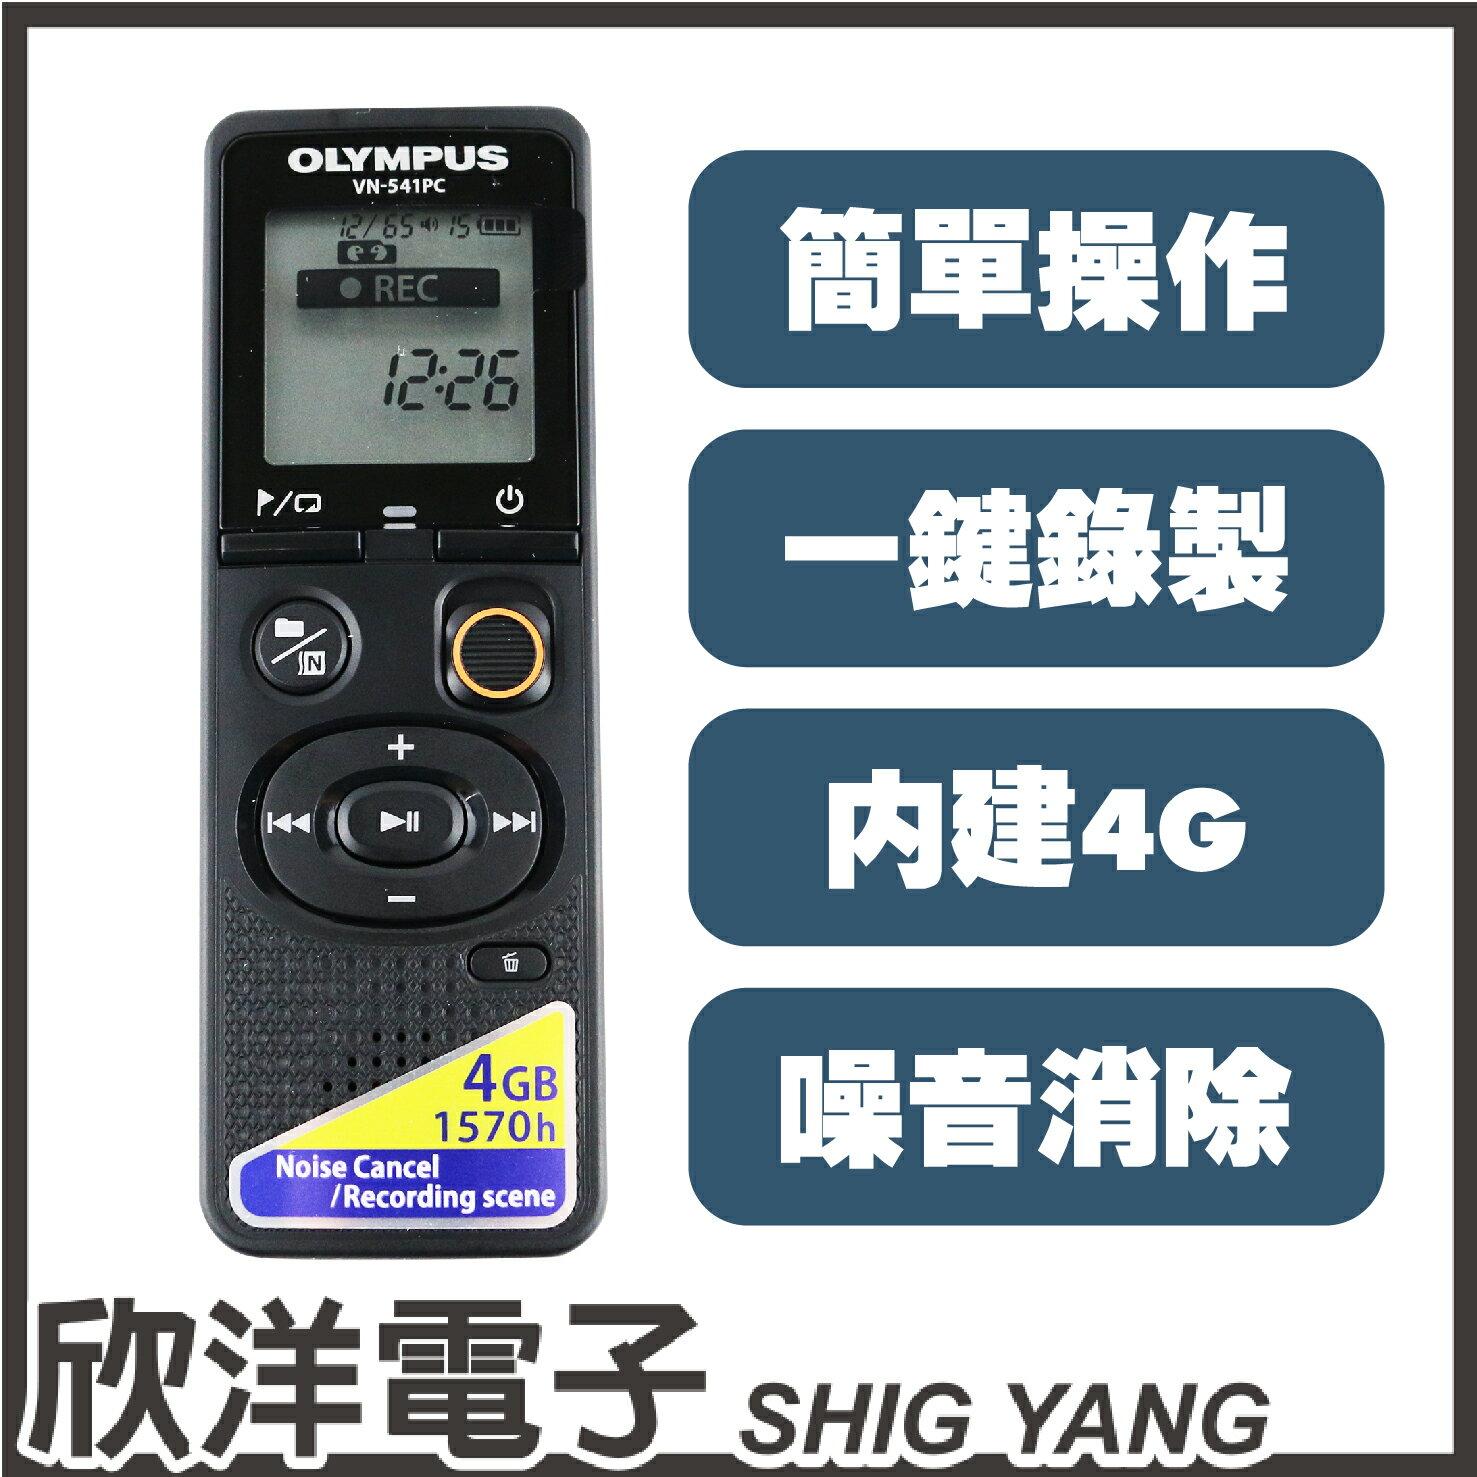 ※ 欣洋電子 ※ Olympus VN-541PC 數位錄音筆內建4GB 德明公司貨保固18個月